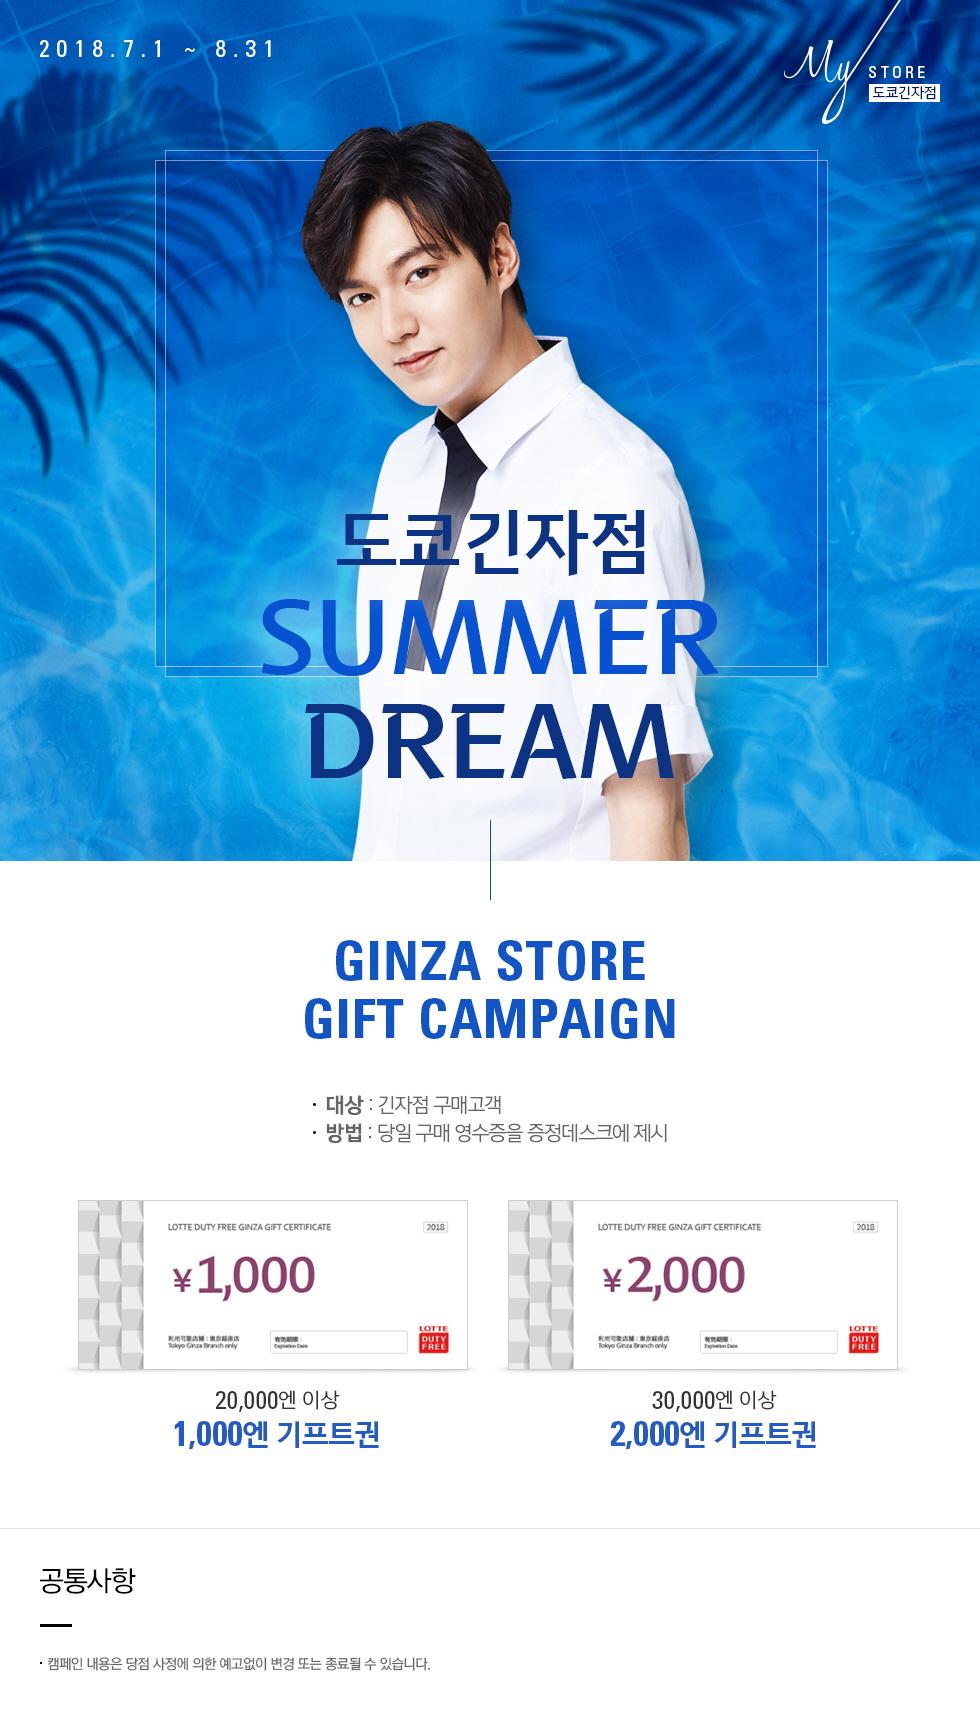 [도쿄긴자점] SUMMER DREAM